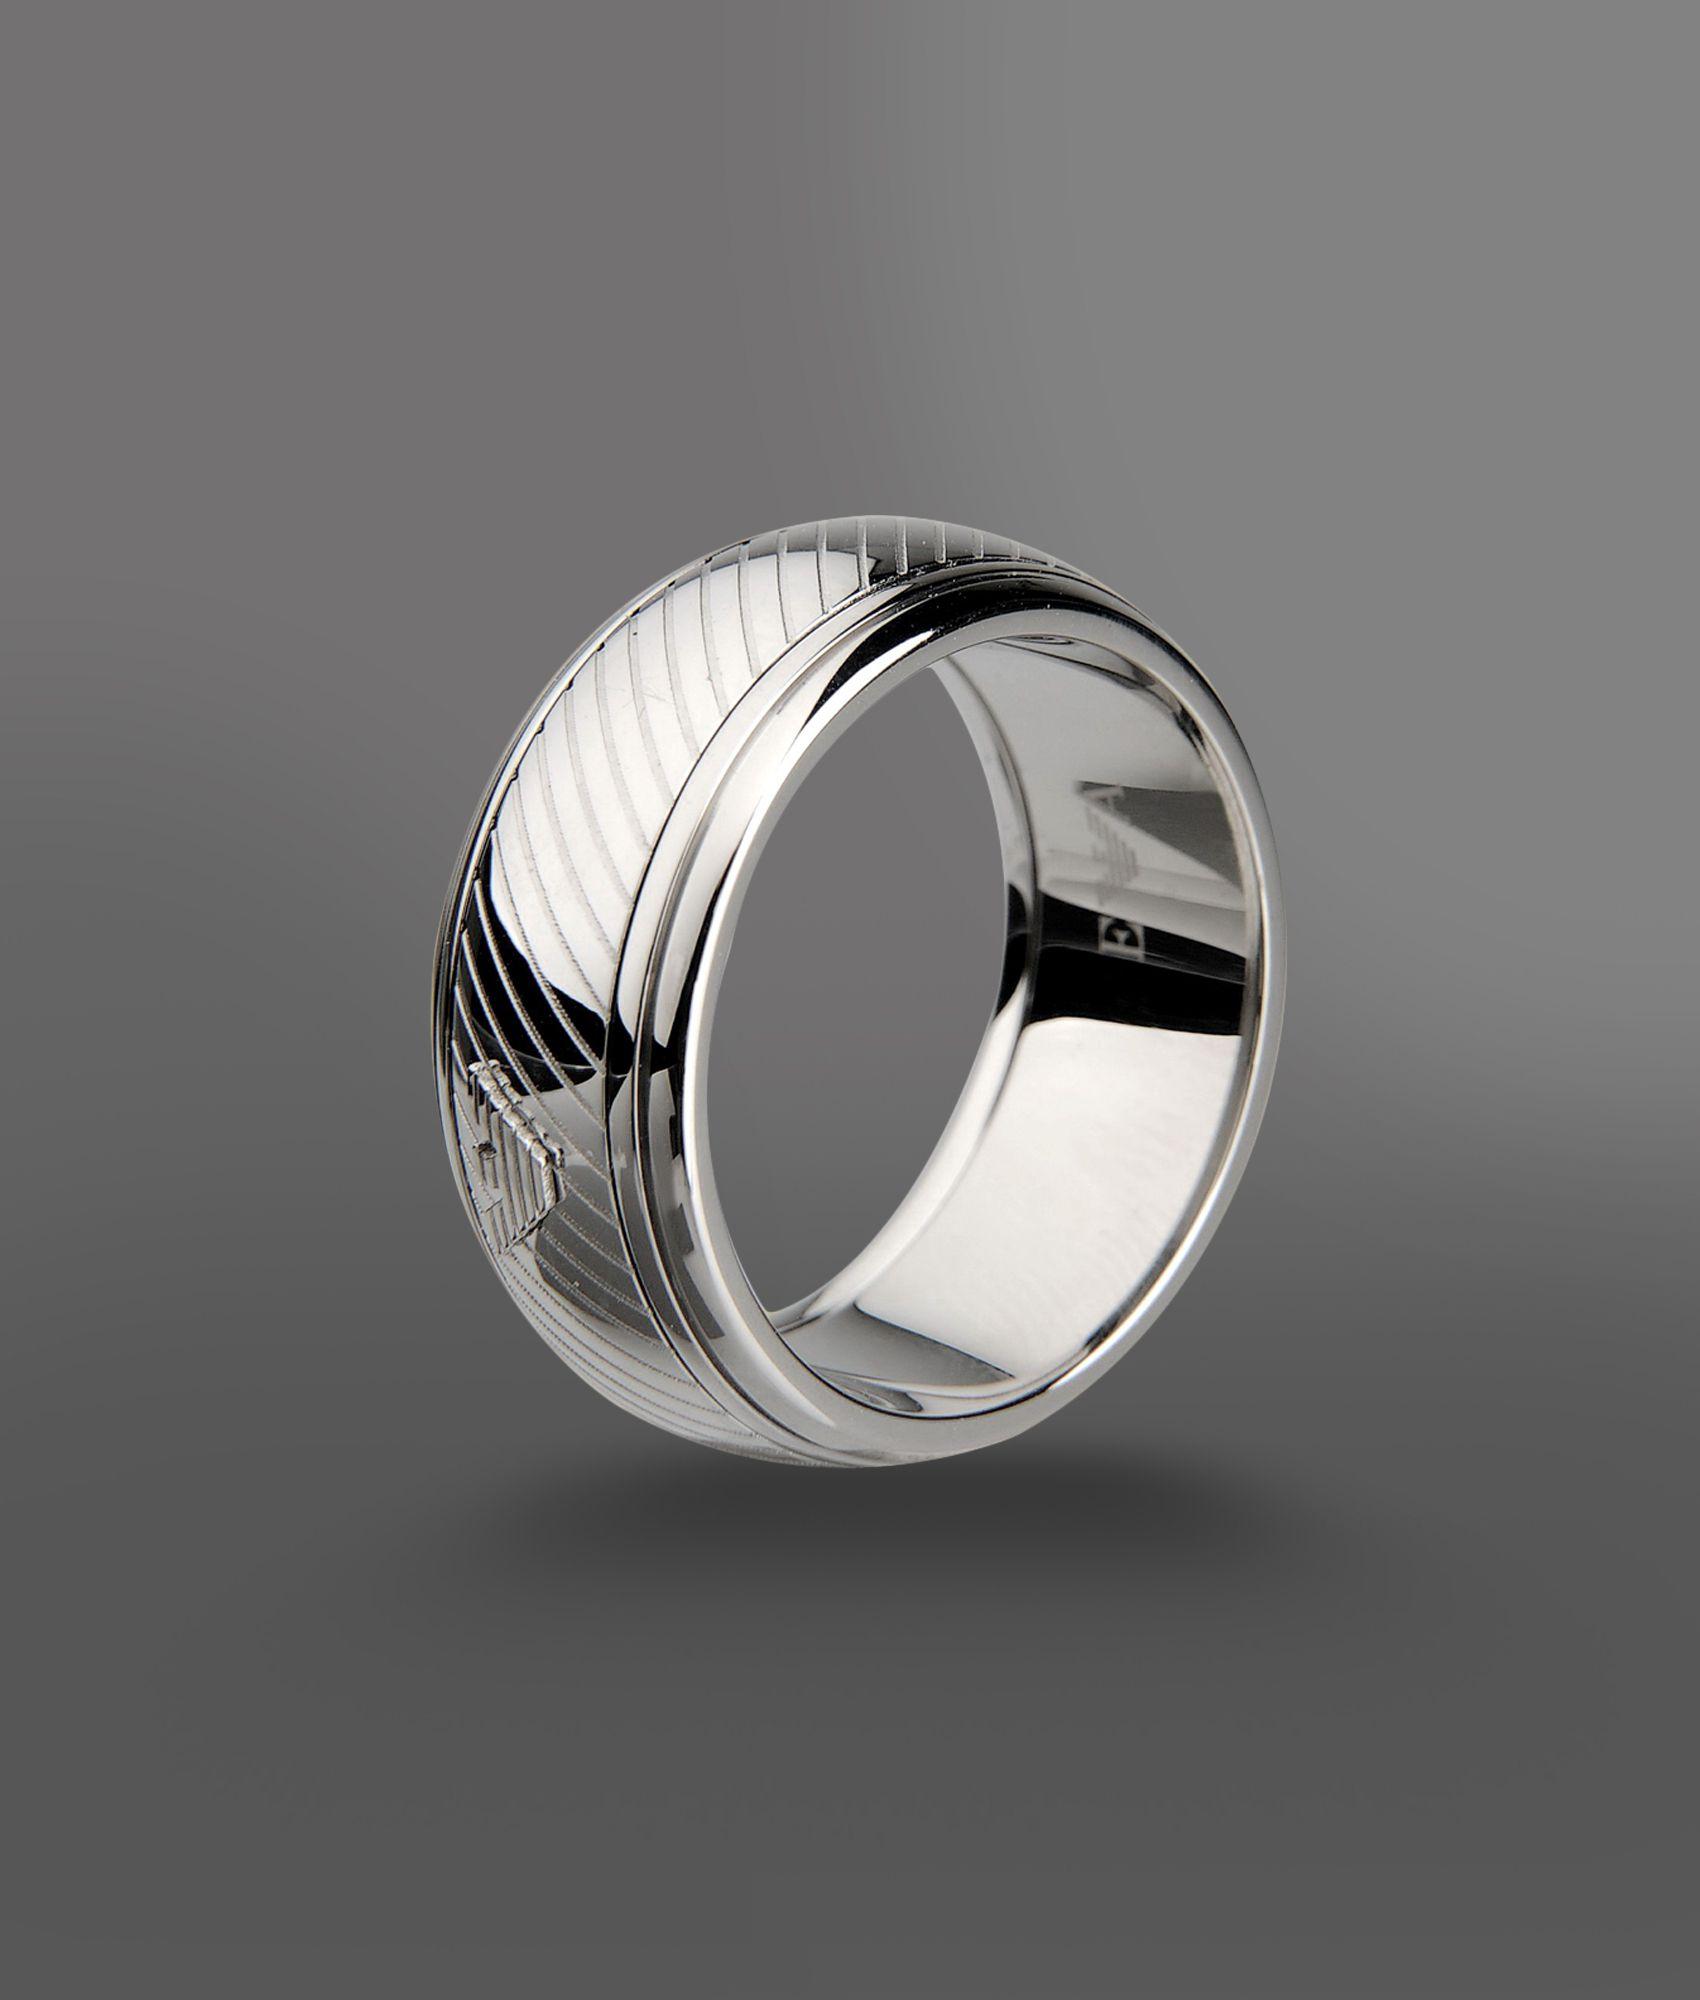 d9575b3c51 Men's Metallic Ring